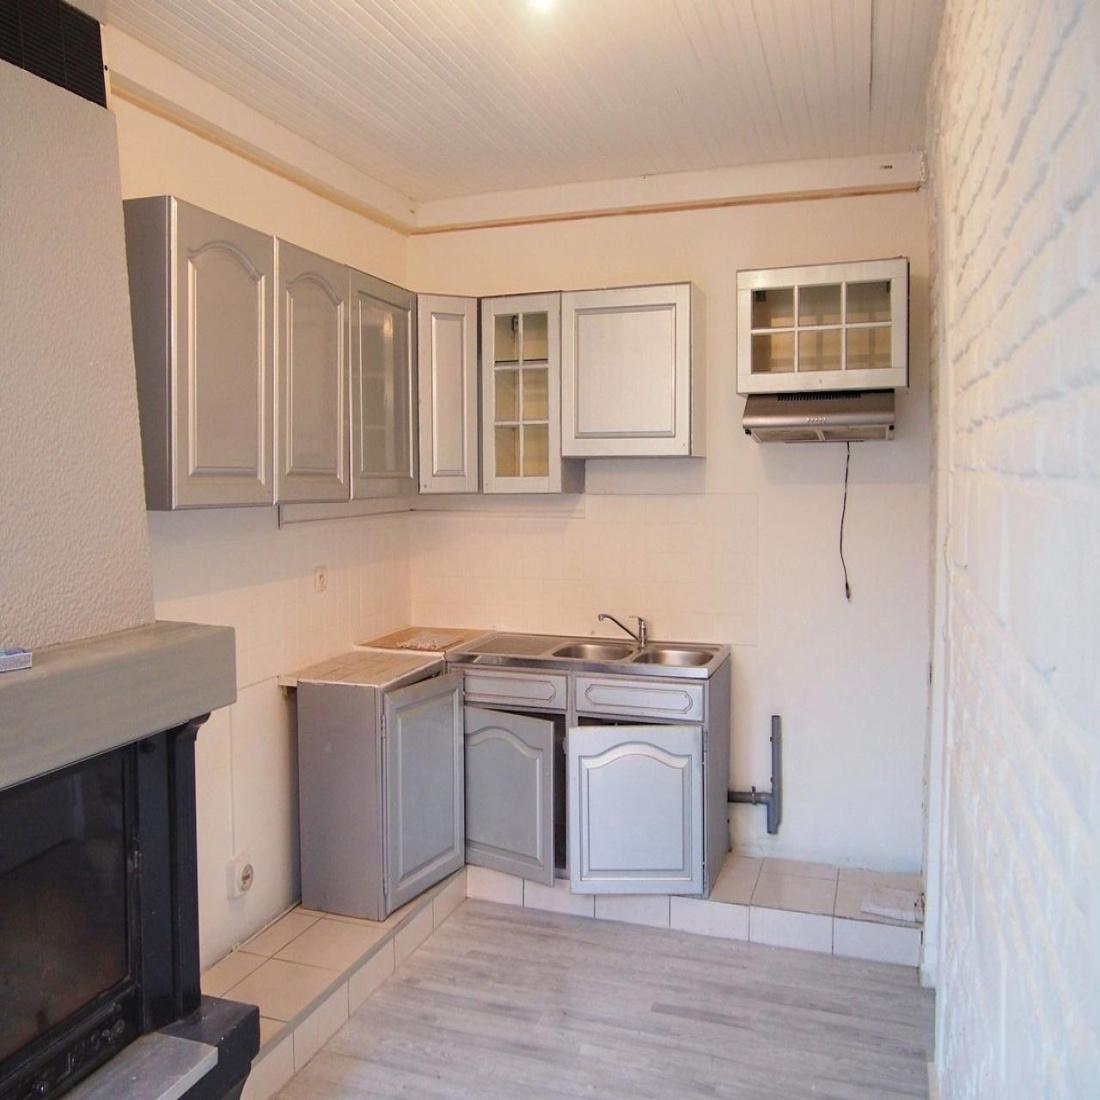 vente Maison ancienne, cuisine, séjour, 1 chambre   Abrinor